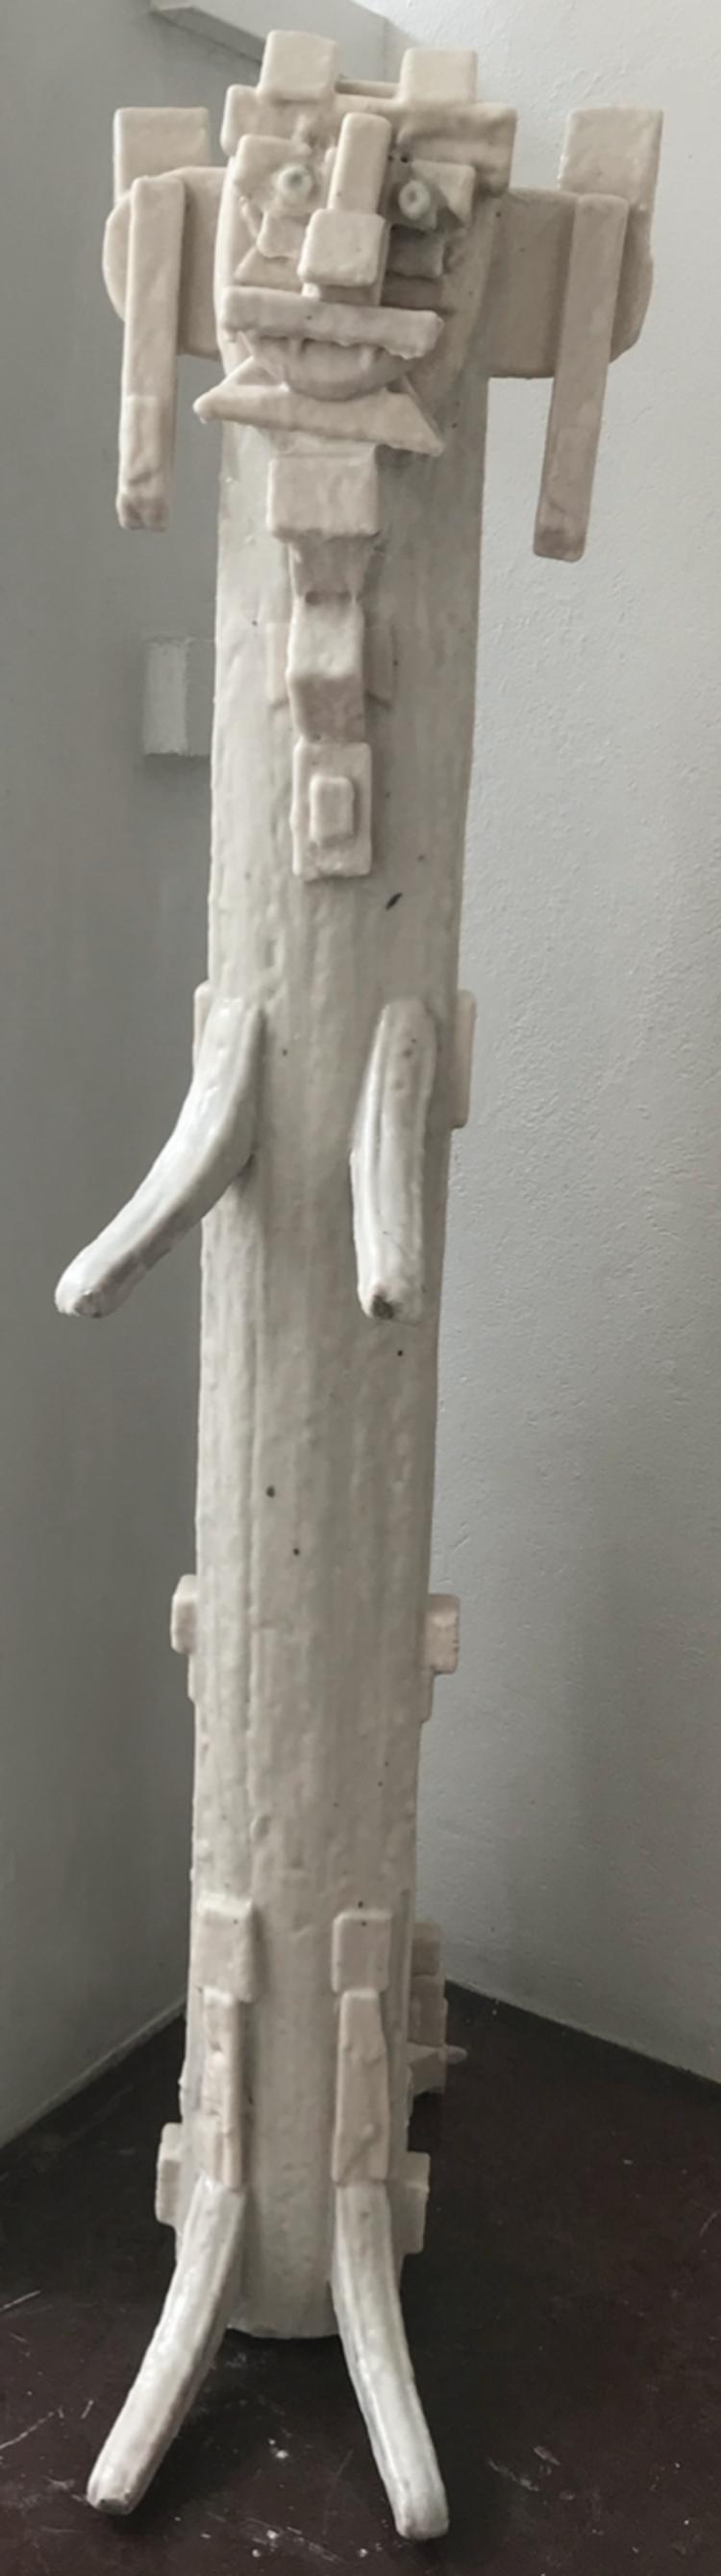 'En krävande kompis', 2019, ett konstverk av Max Ockborn